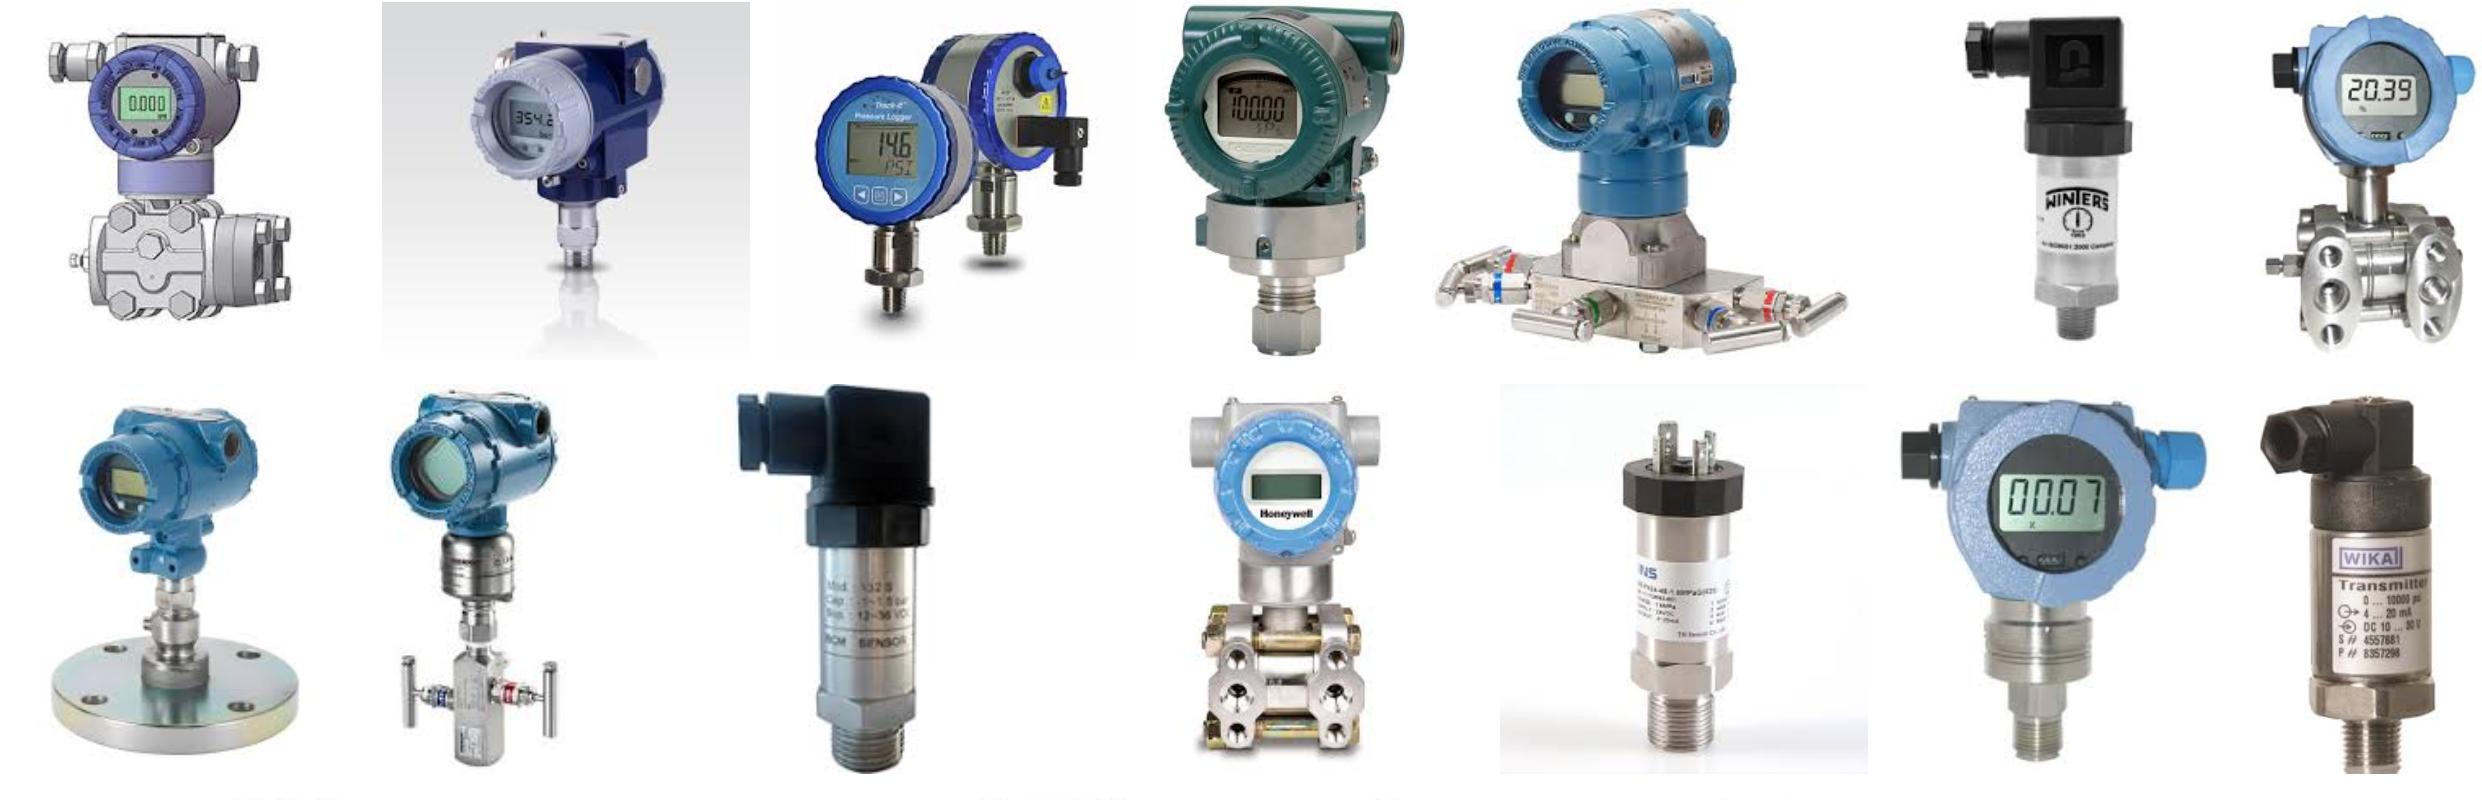 Các cảm biến áp suất output 4-20mA